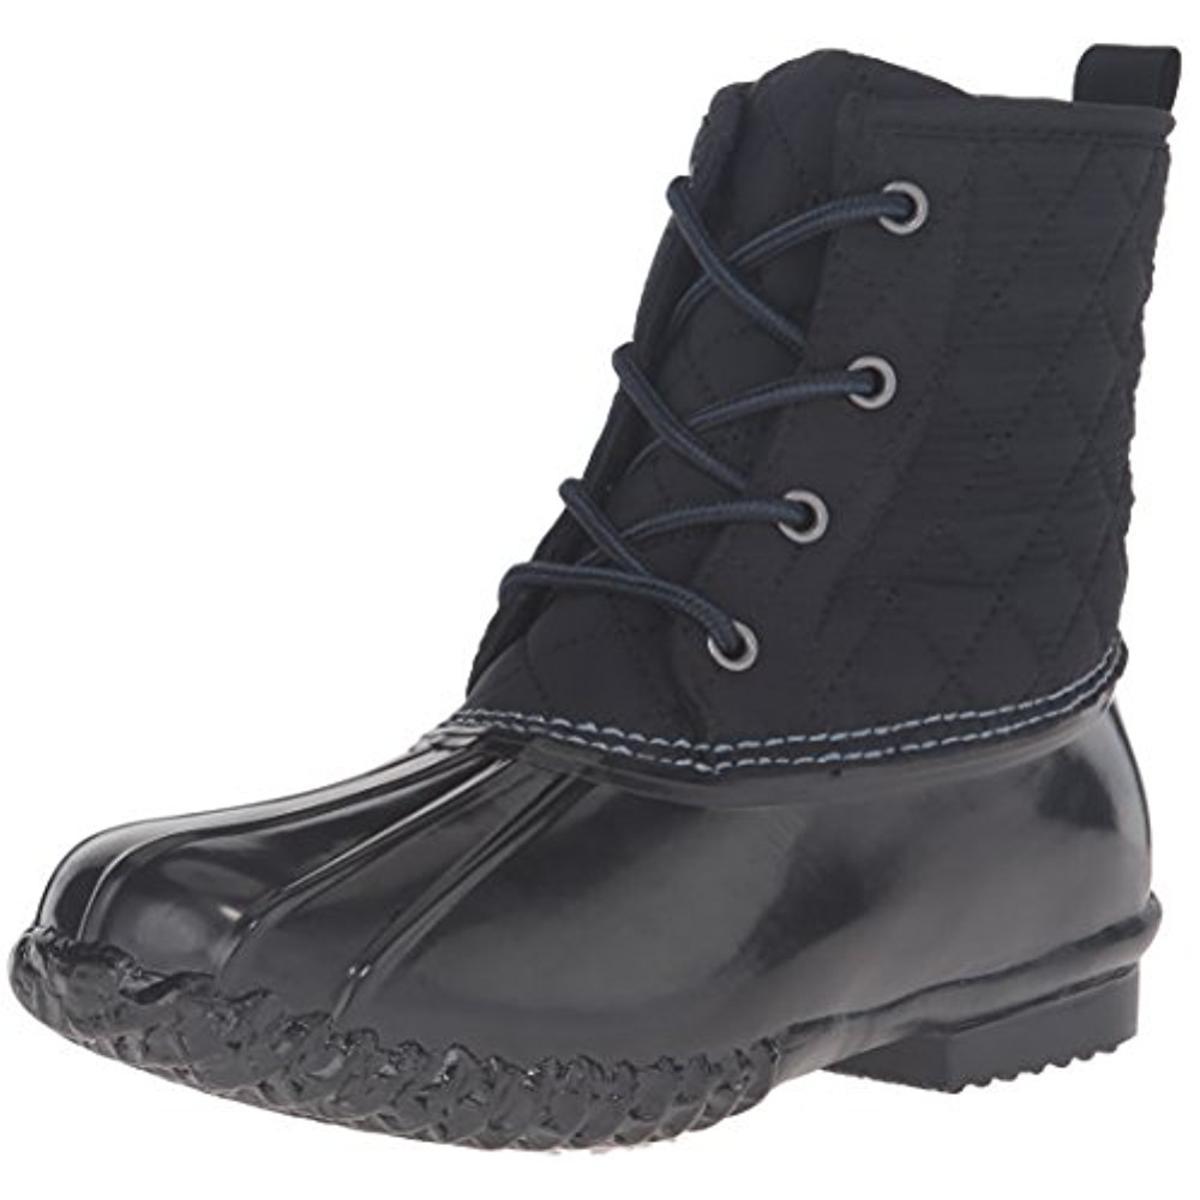 JBU by Jambu Womens Stefani Quilted Ankle Rain Boots by JBU by Jambu